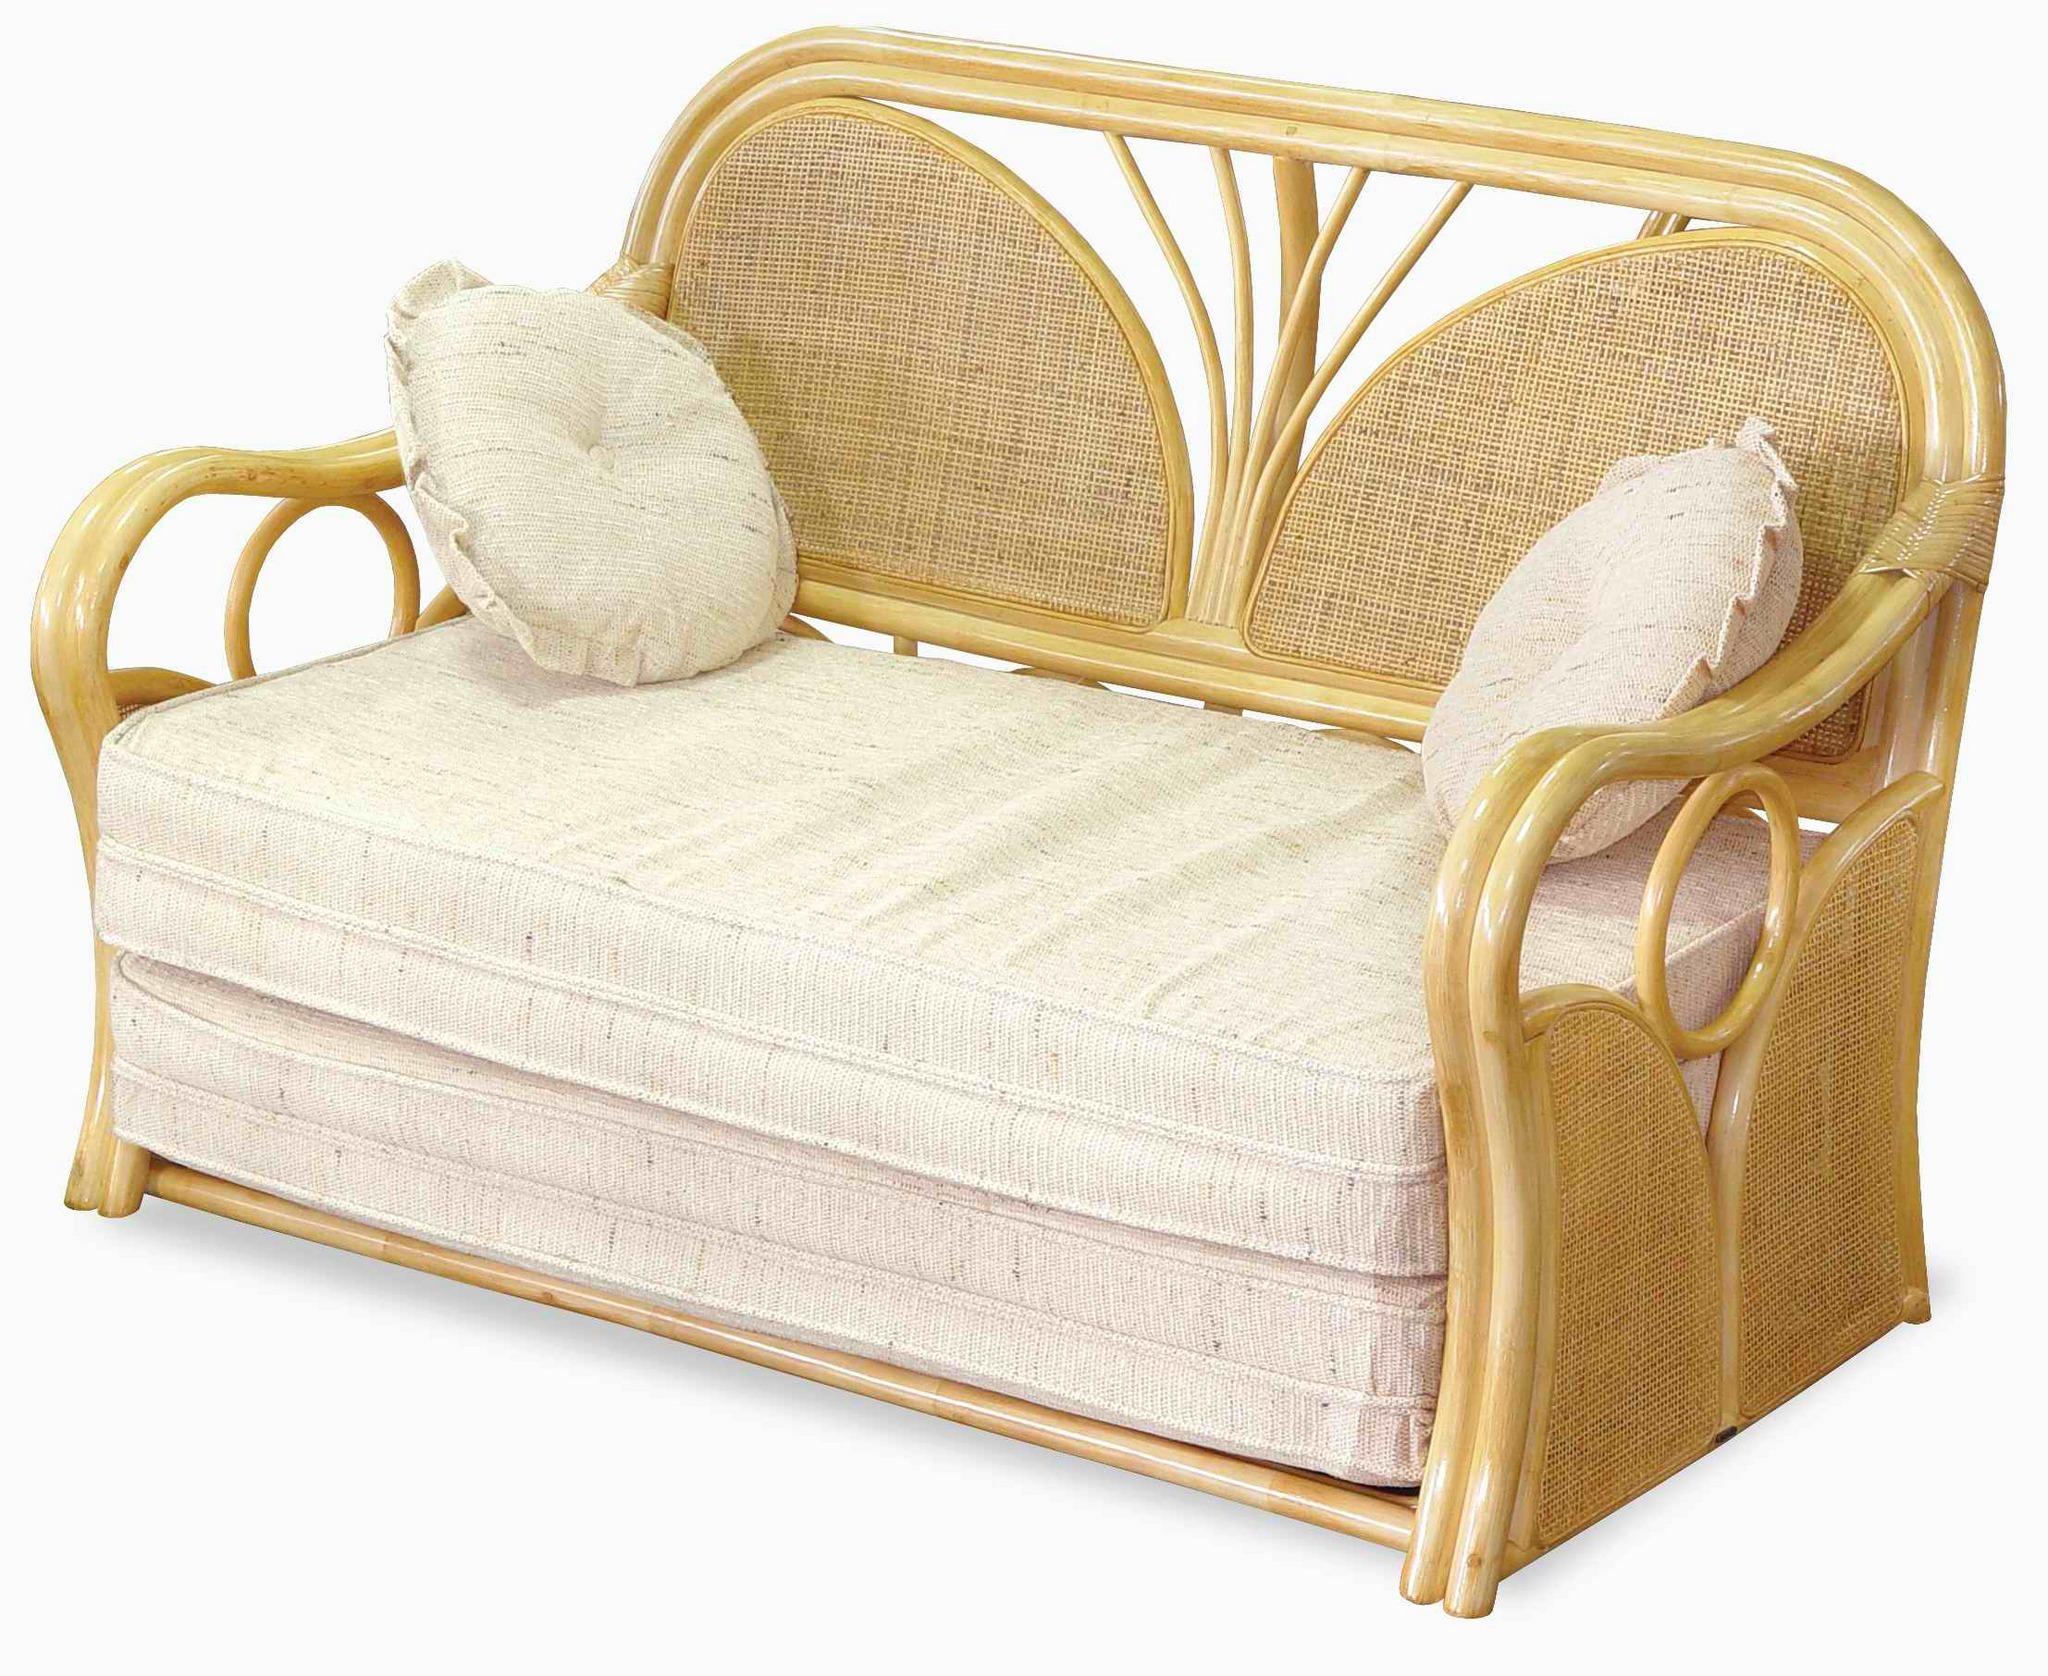 Мебель плетеная недорого купить на балкон малогабаритная..